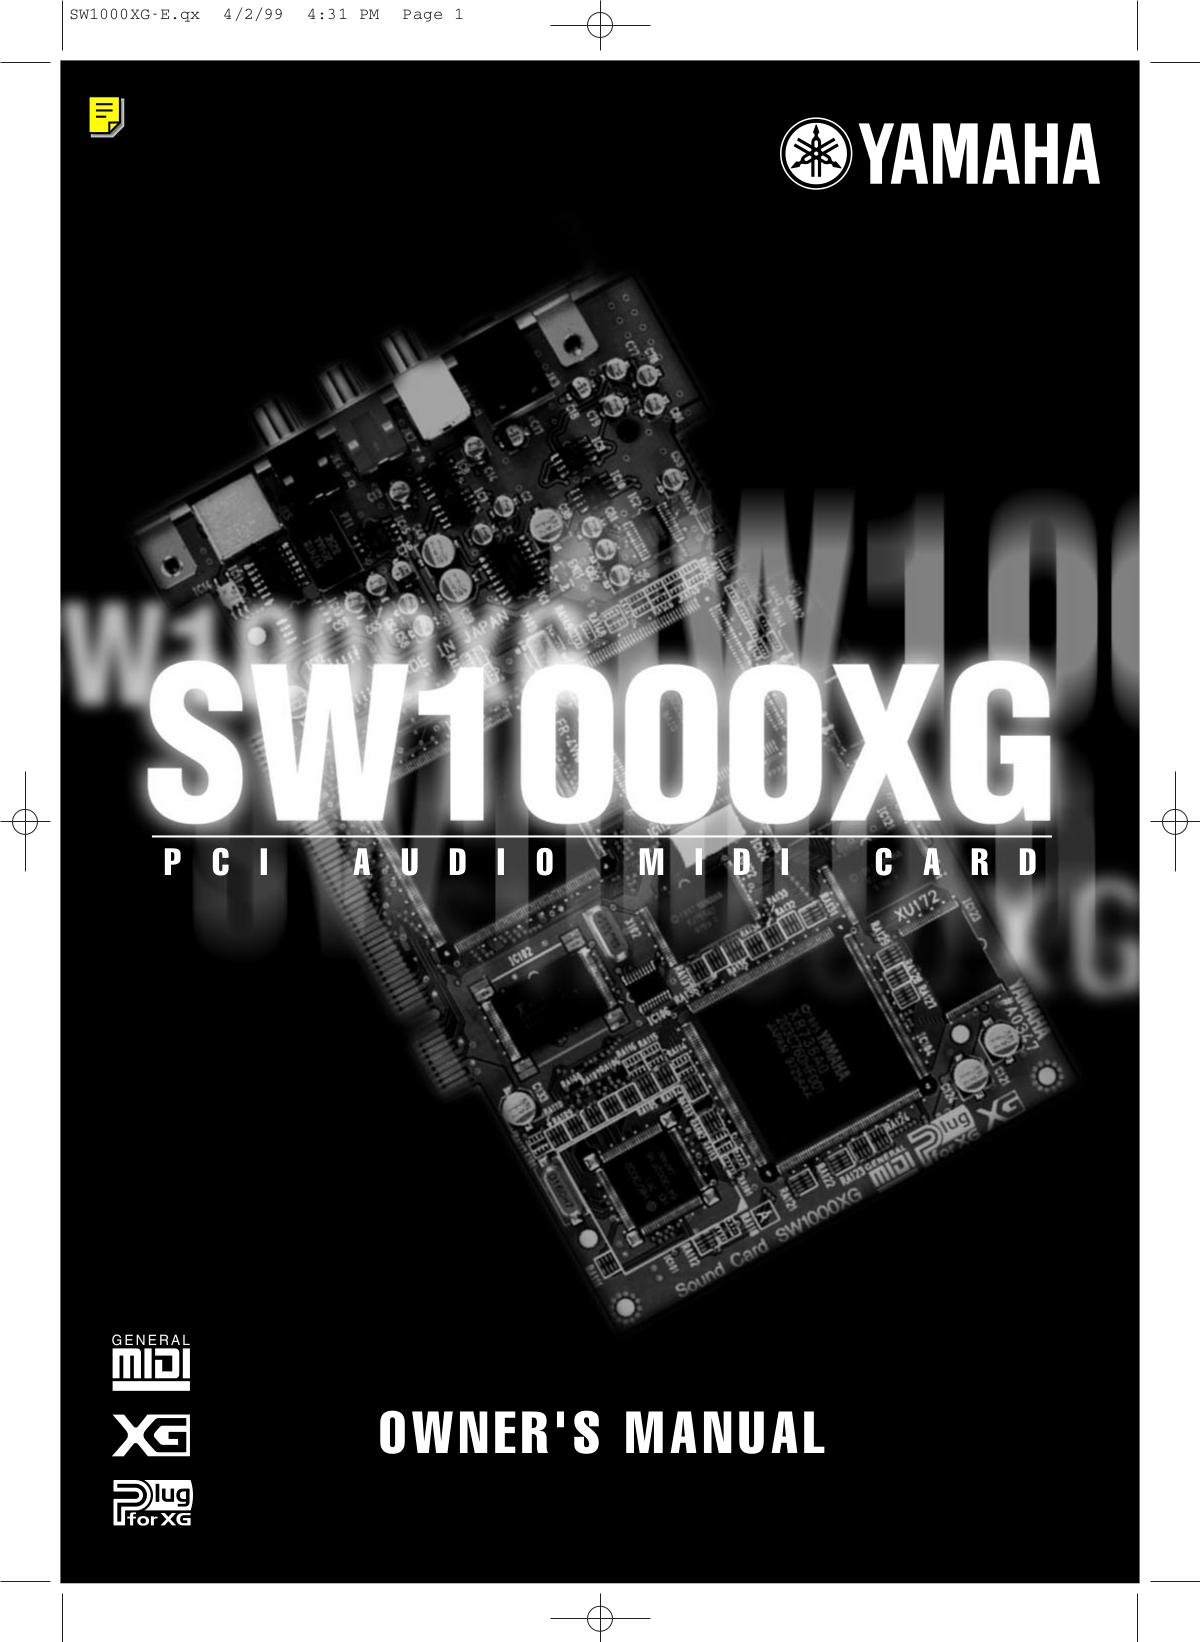 Download free pdf for Yamaha PC-1000 Music Keyboard manual